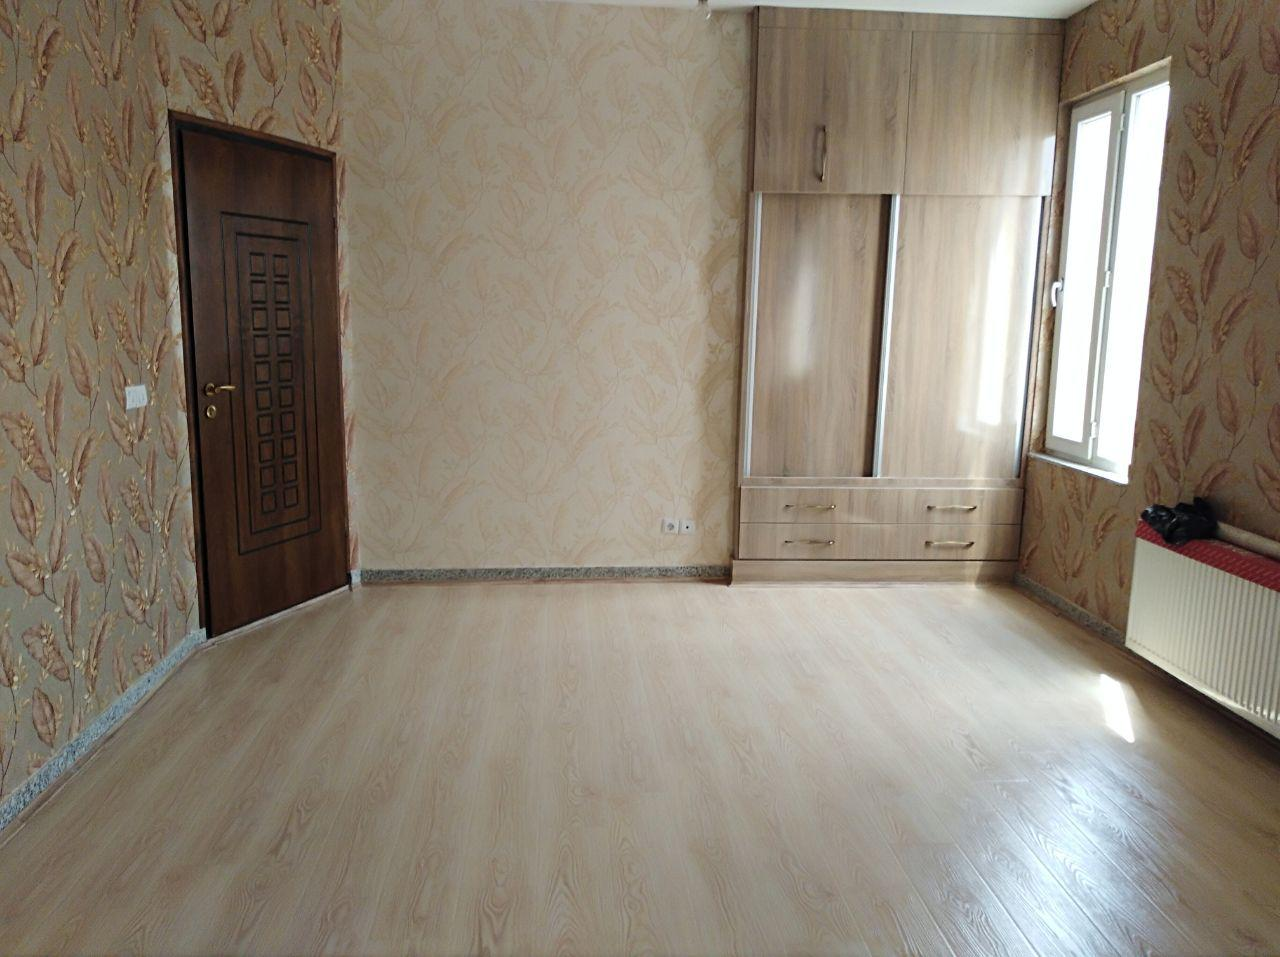 فروش طبقه پنجم از آپارتمان 6 طبقه در میدان بسیج